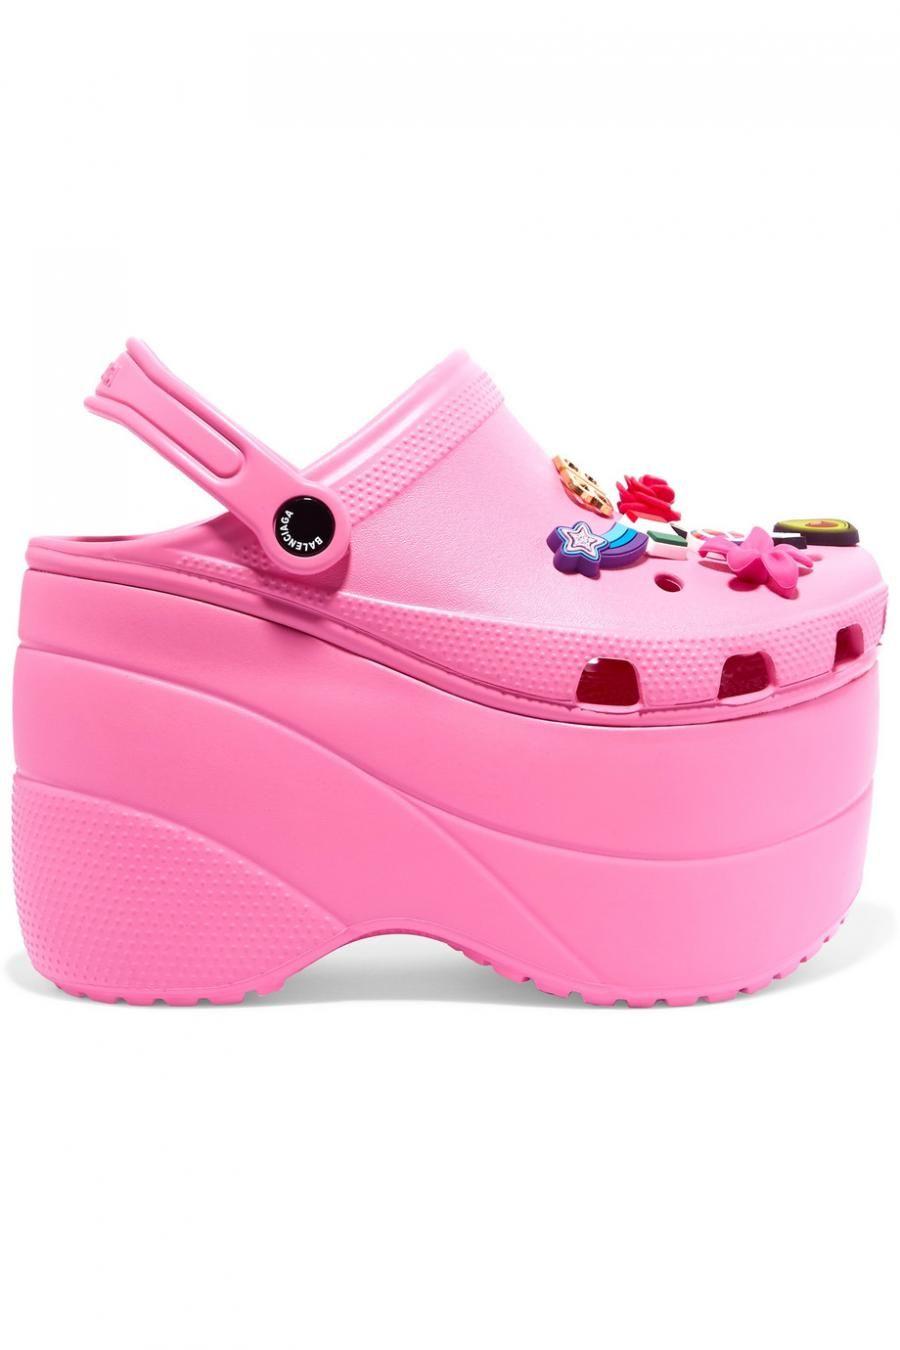 Crocs, Platform sandals, Pink crocs